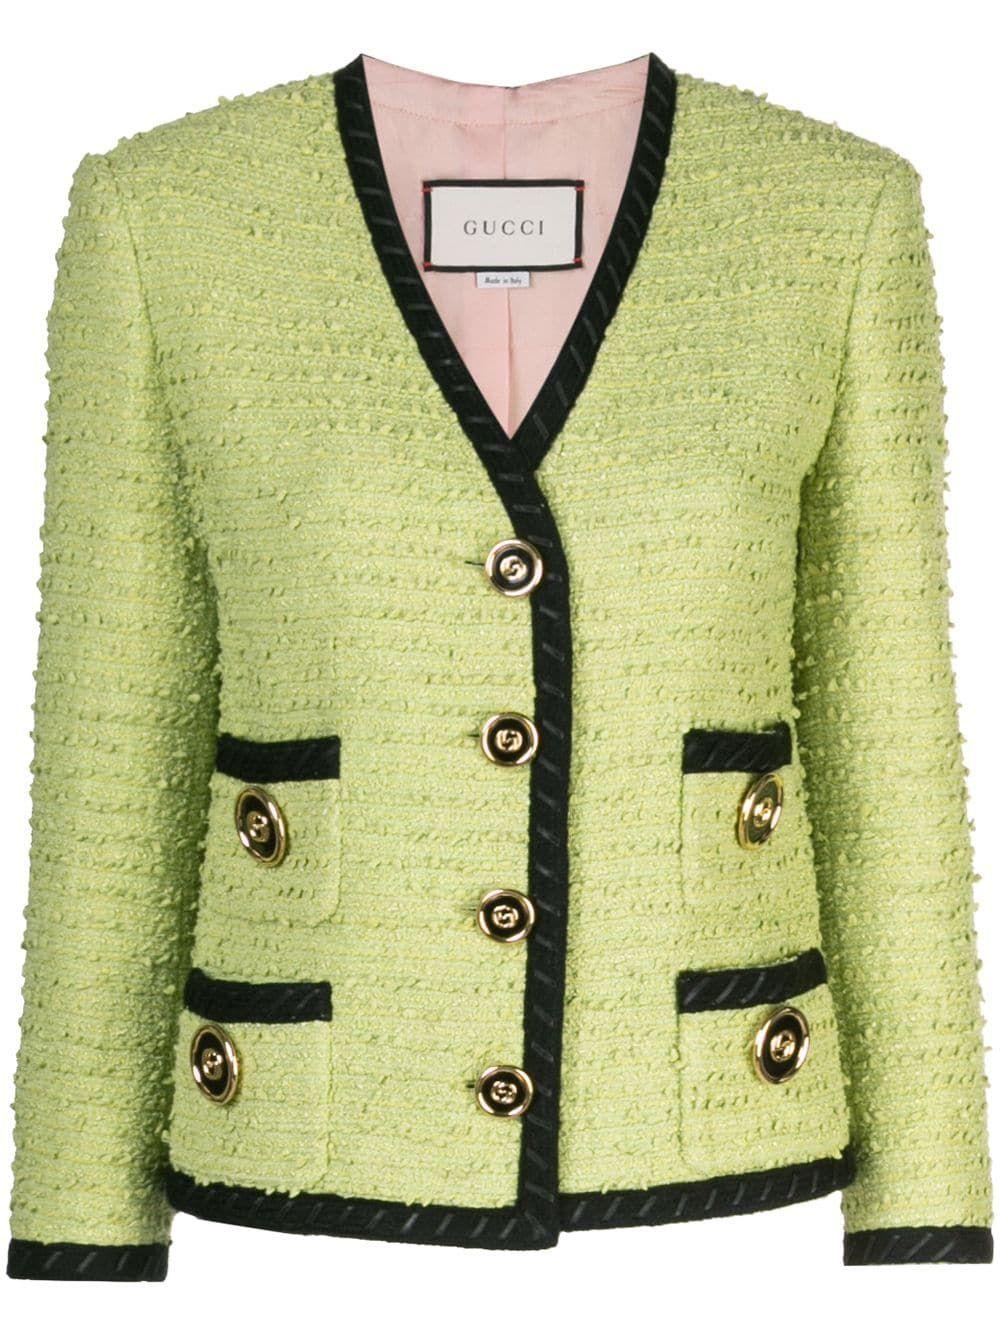 Gucci Tweed Jacket Farfetch Gucci Tweed Jacket Gucci Tweed Tweed Jacket [ 1334 x 1000 Pixel ]